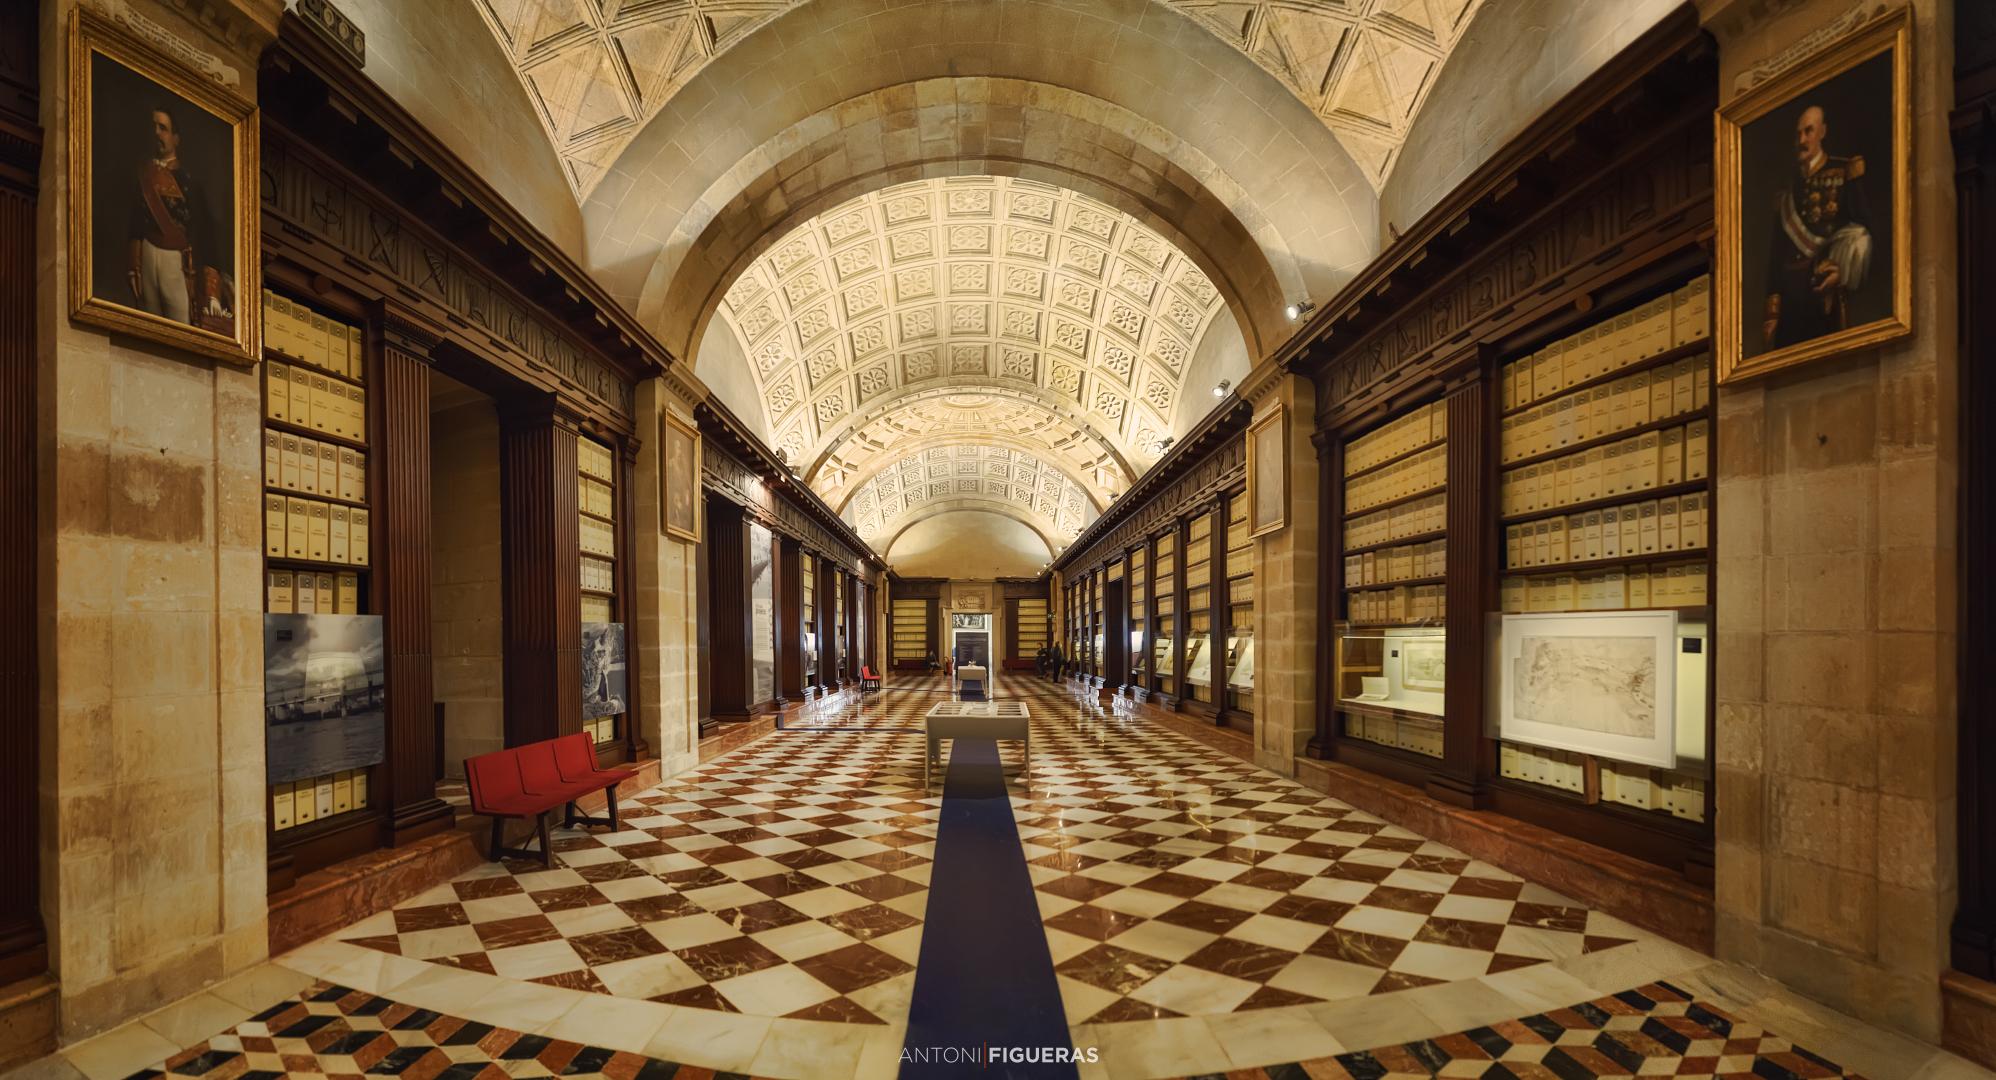 Archivo General de Indias, Spain